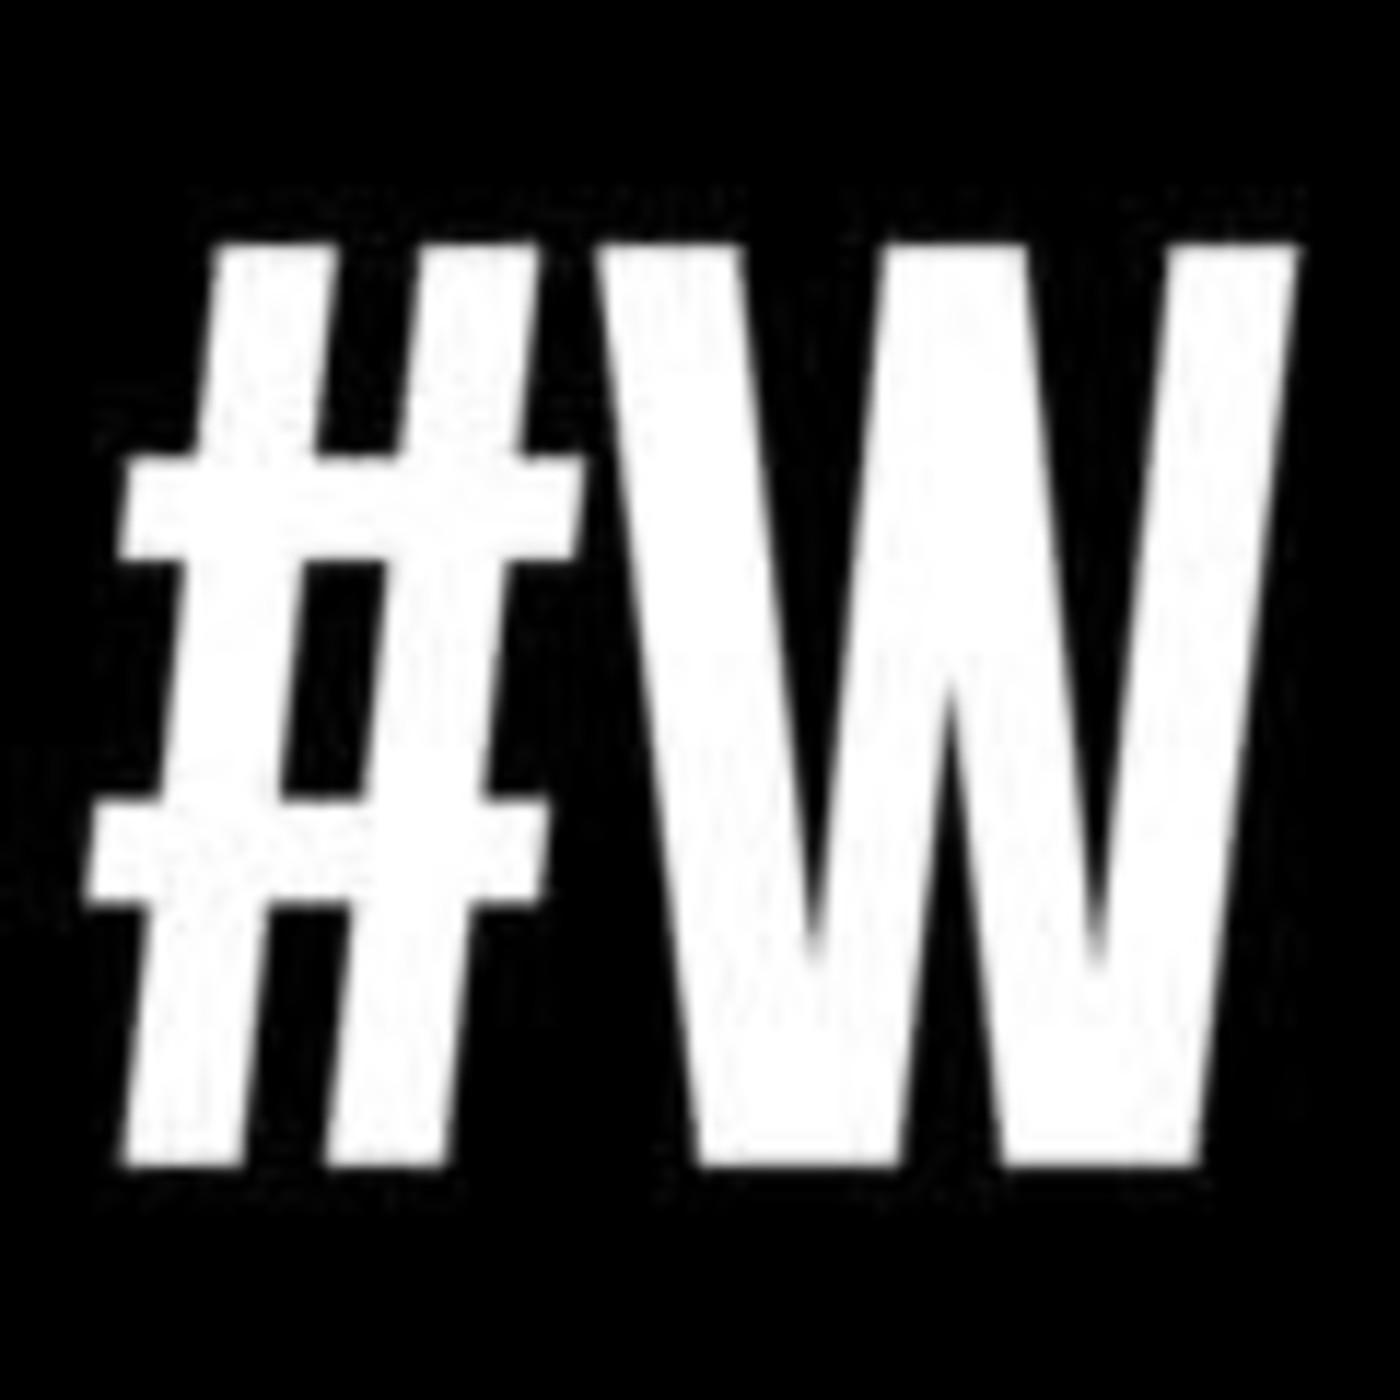 #WHOATV